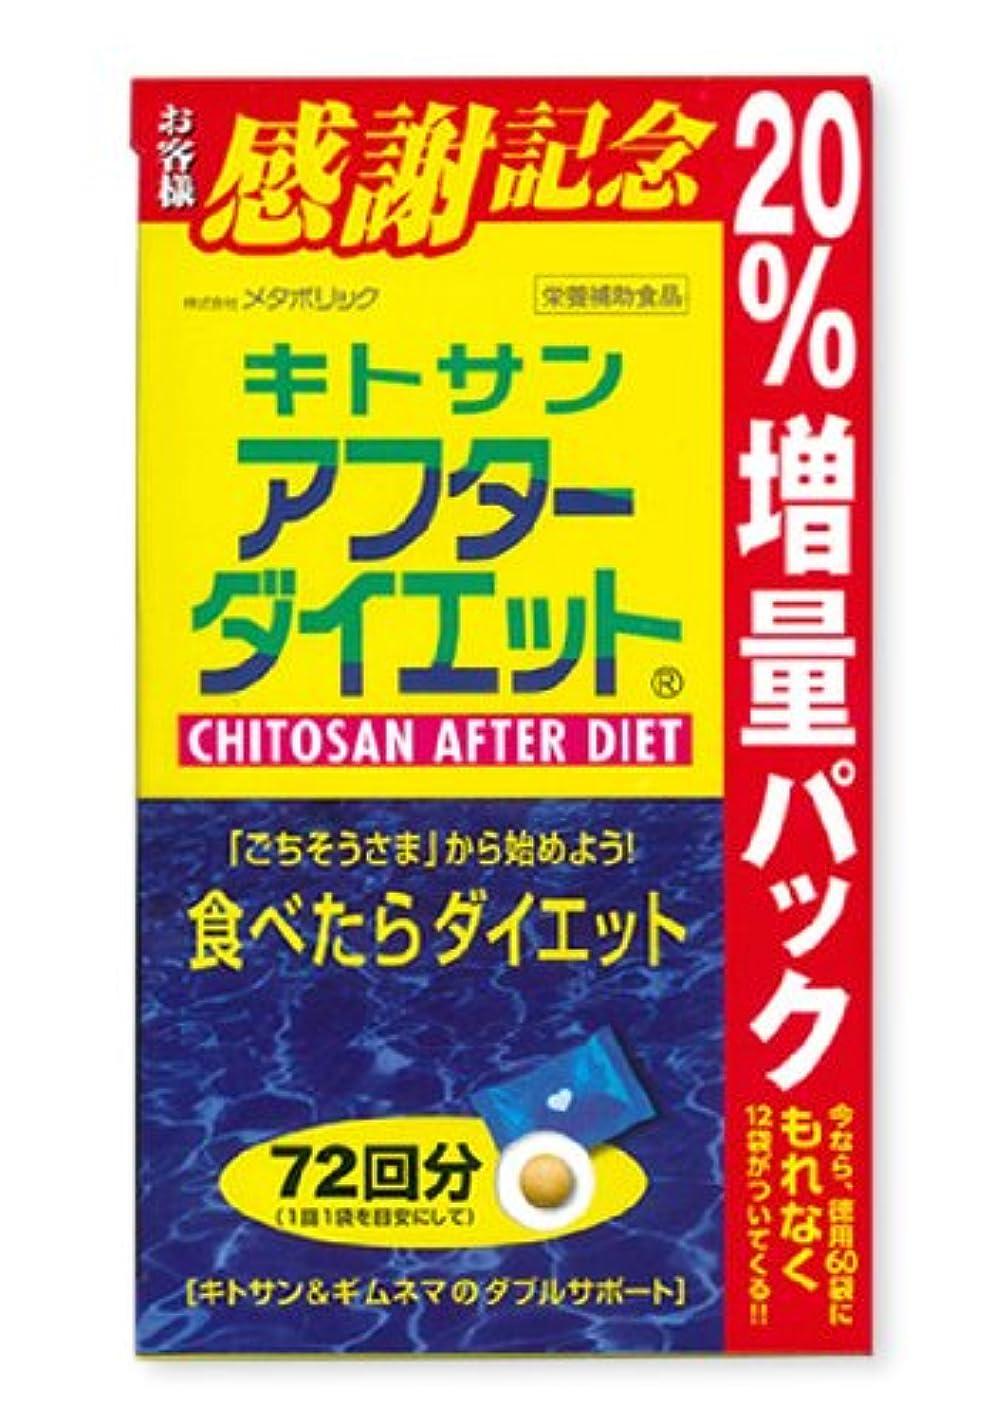 絶えず旅継承お徳用 72袋入り キトサン アフターダイエット ( お徳用 72袋入り)×5個セット 20%増量版